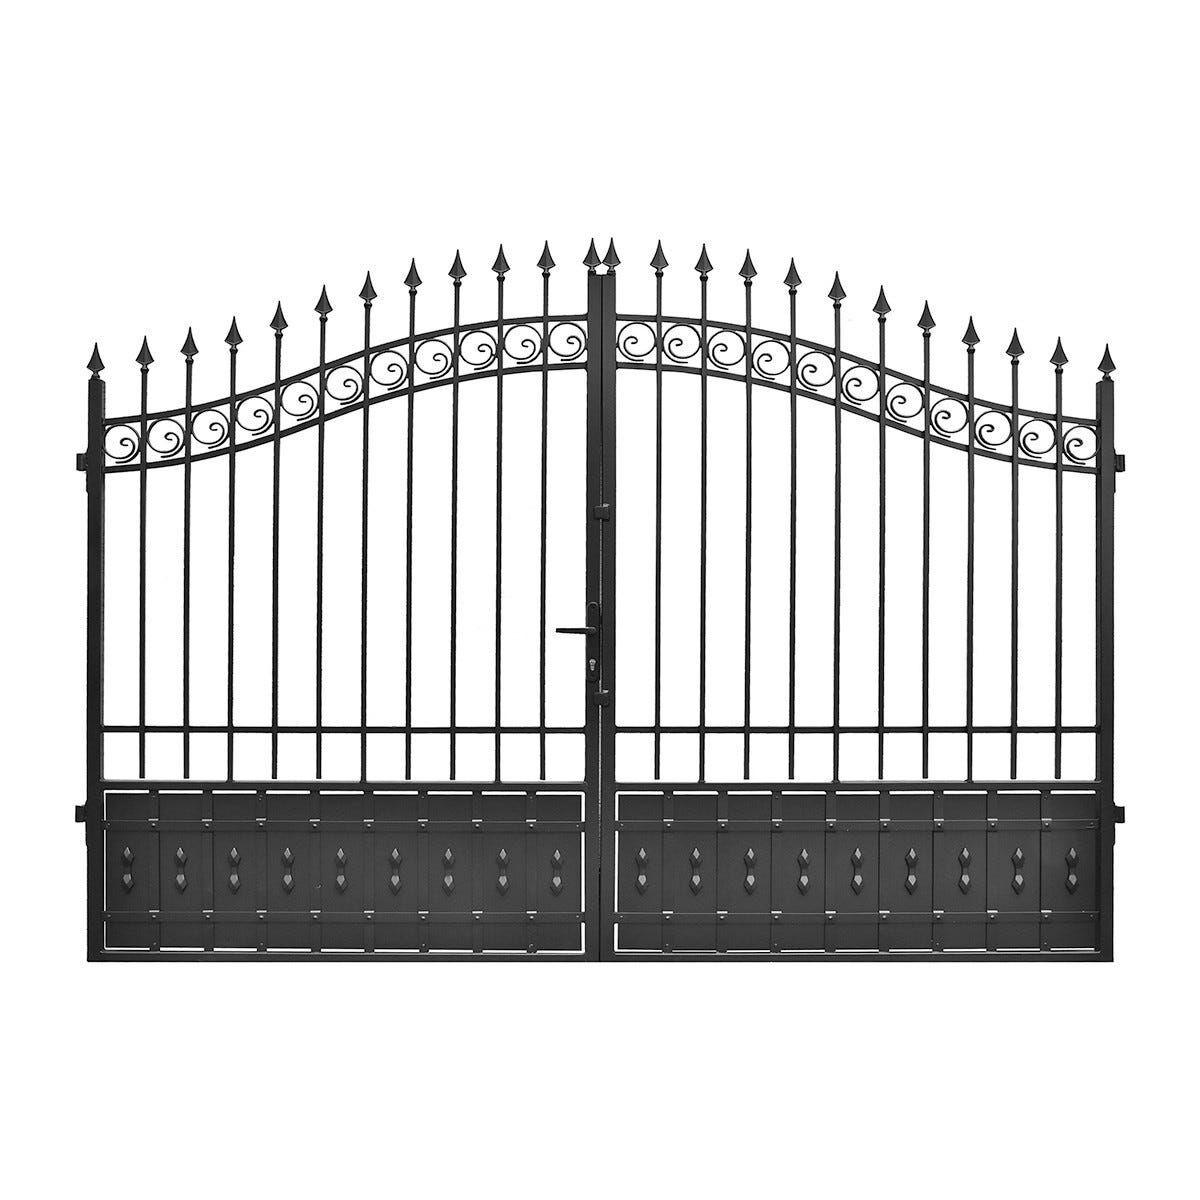 Cancello Artu' 350x210 Cm (Lxh) Zincato Verniciato Nero Galvanizzazione A Fuoco